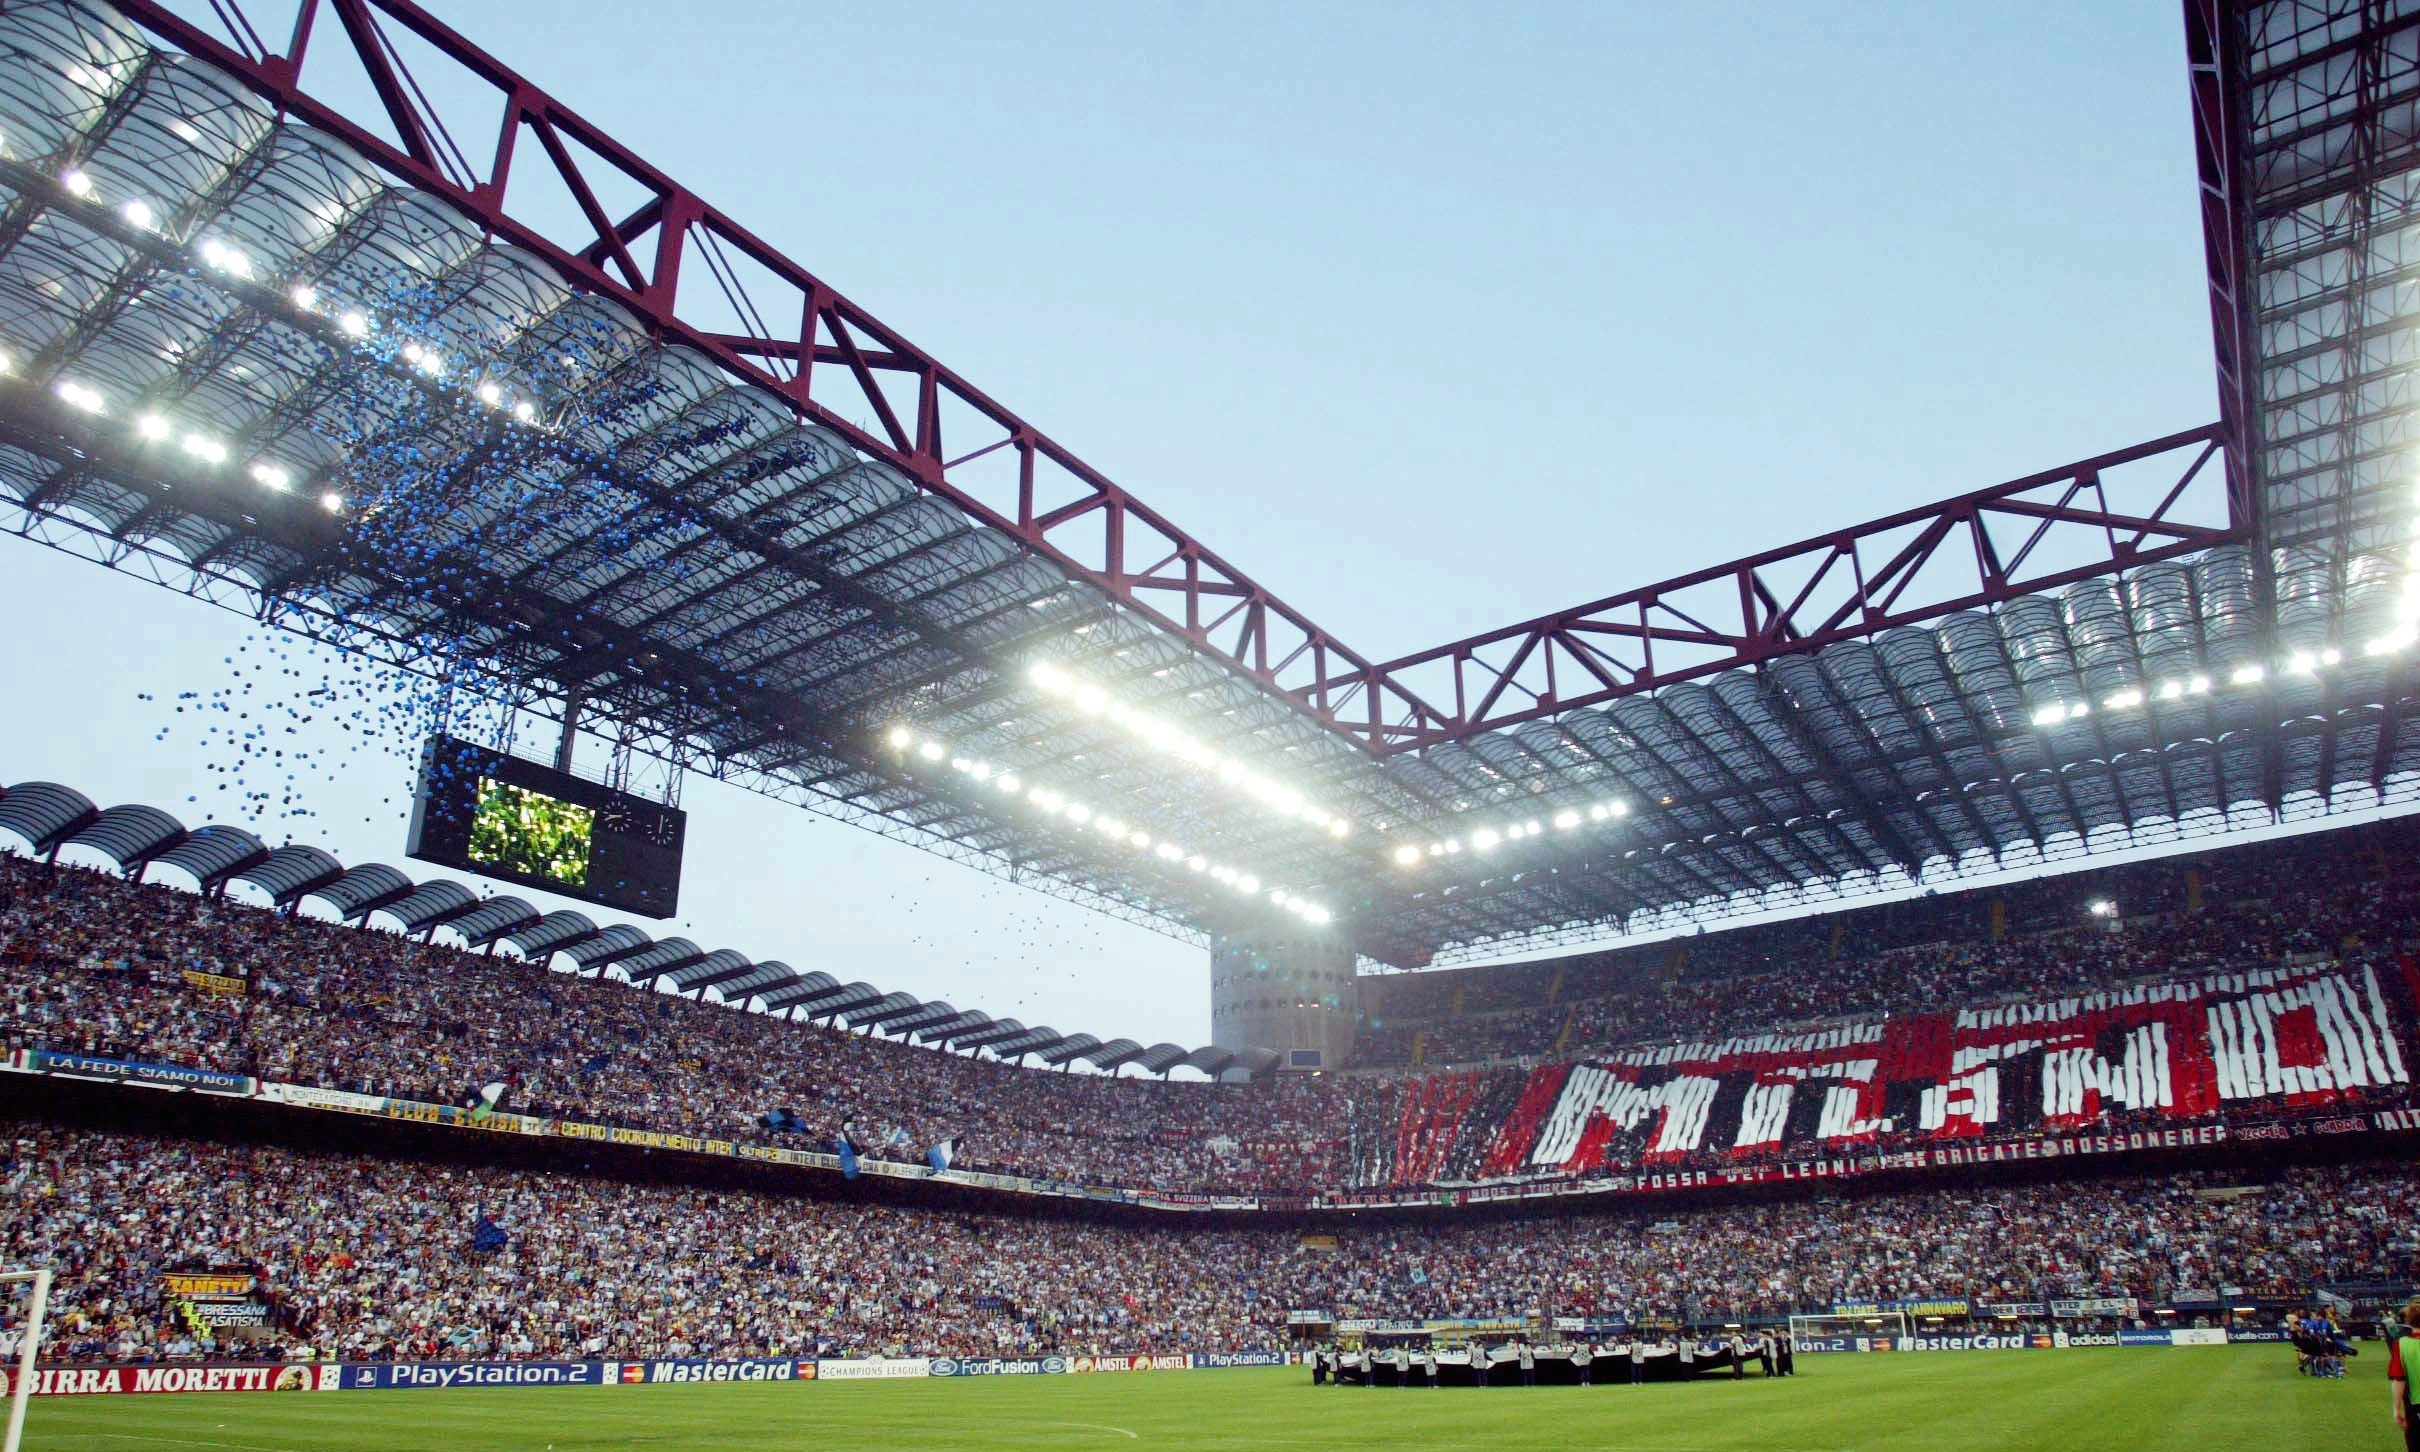 Fra et af derby-møderne mellem de to Milano-klubber. Foto: Getty Images/Sandra Behne.